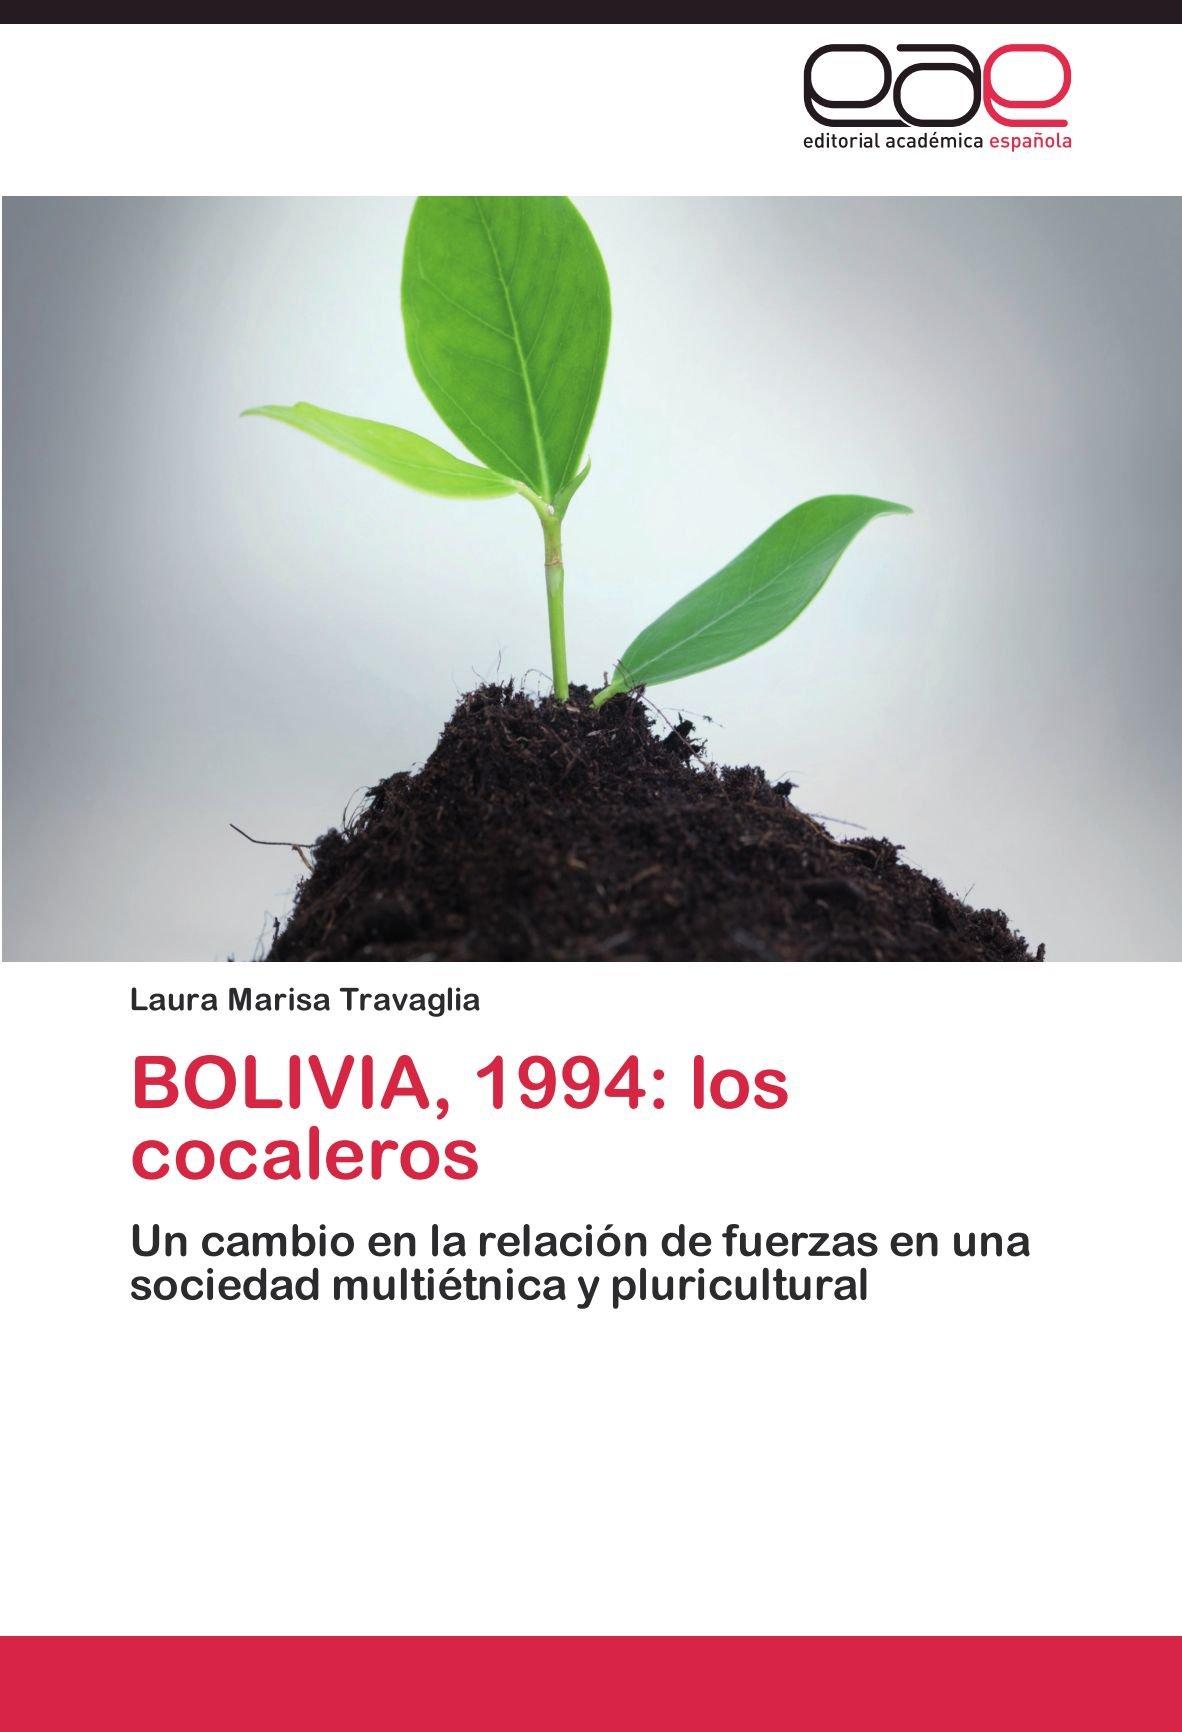 BOLIVIA, 1994: los cocaleros: Un cambio en la relación de fuerzas en una sociedad multiétnica y pluricultural (Spanish Edition)